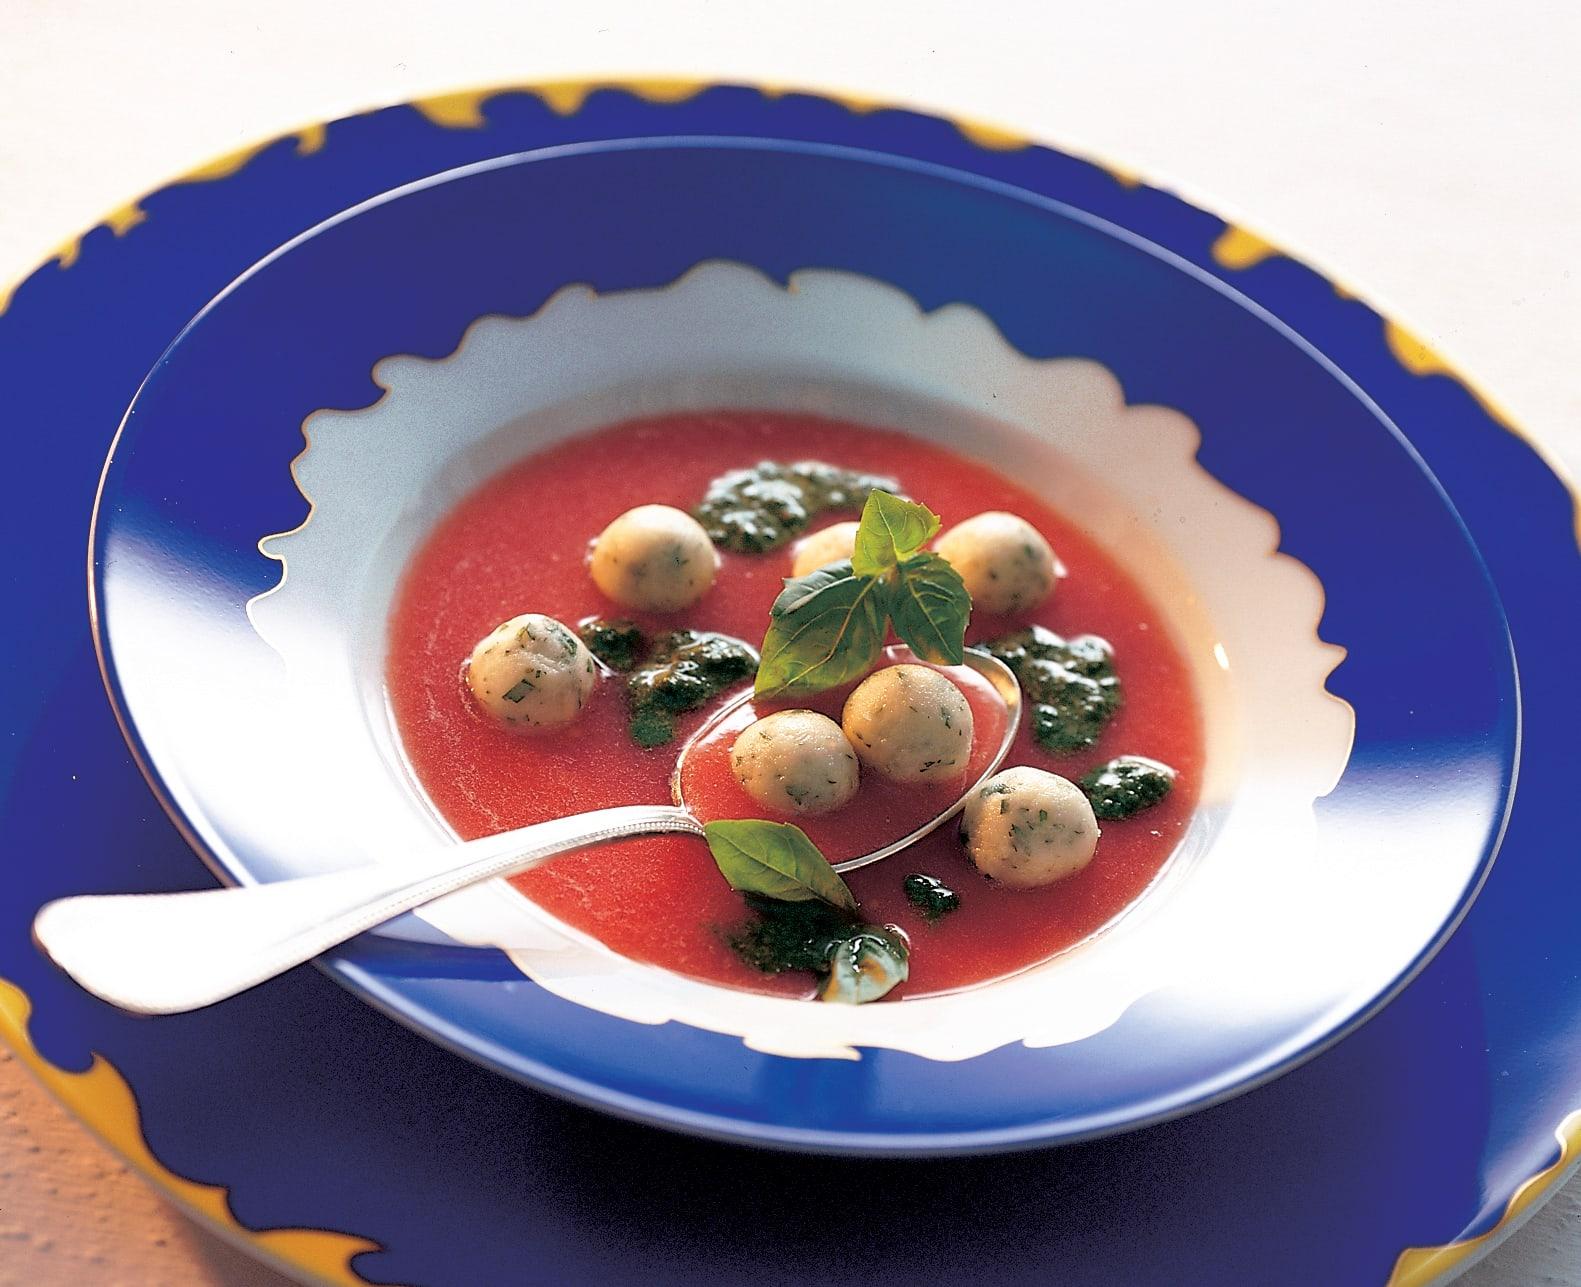 Potage froid aux tomates garni de boulettes de fromage de brebis